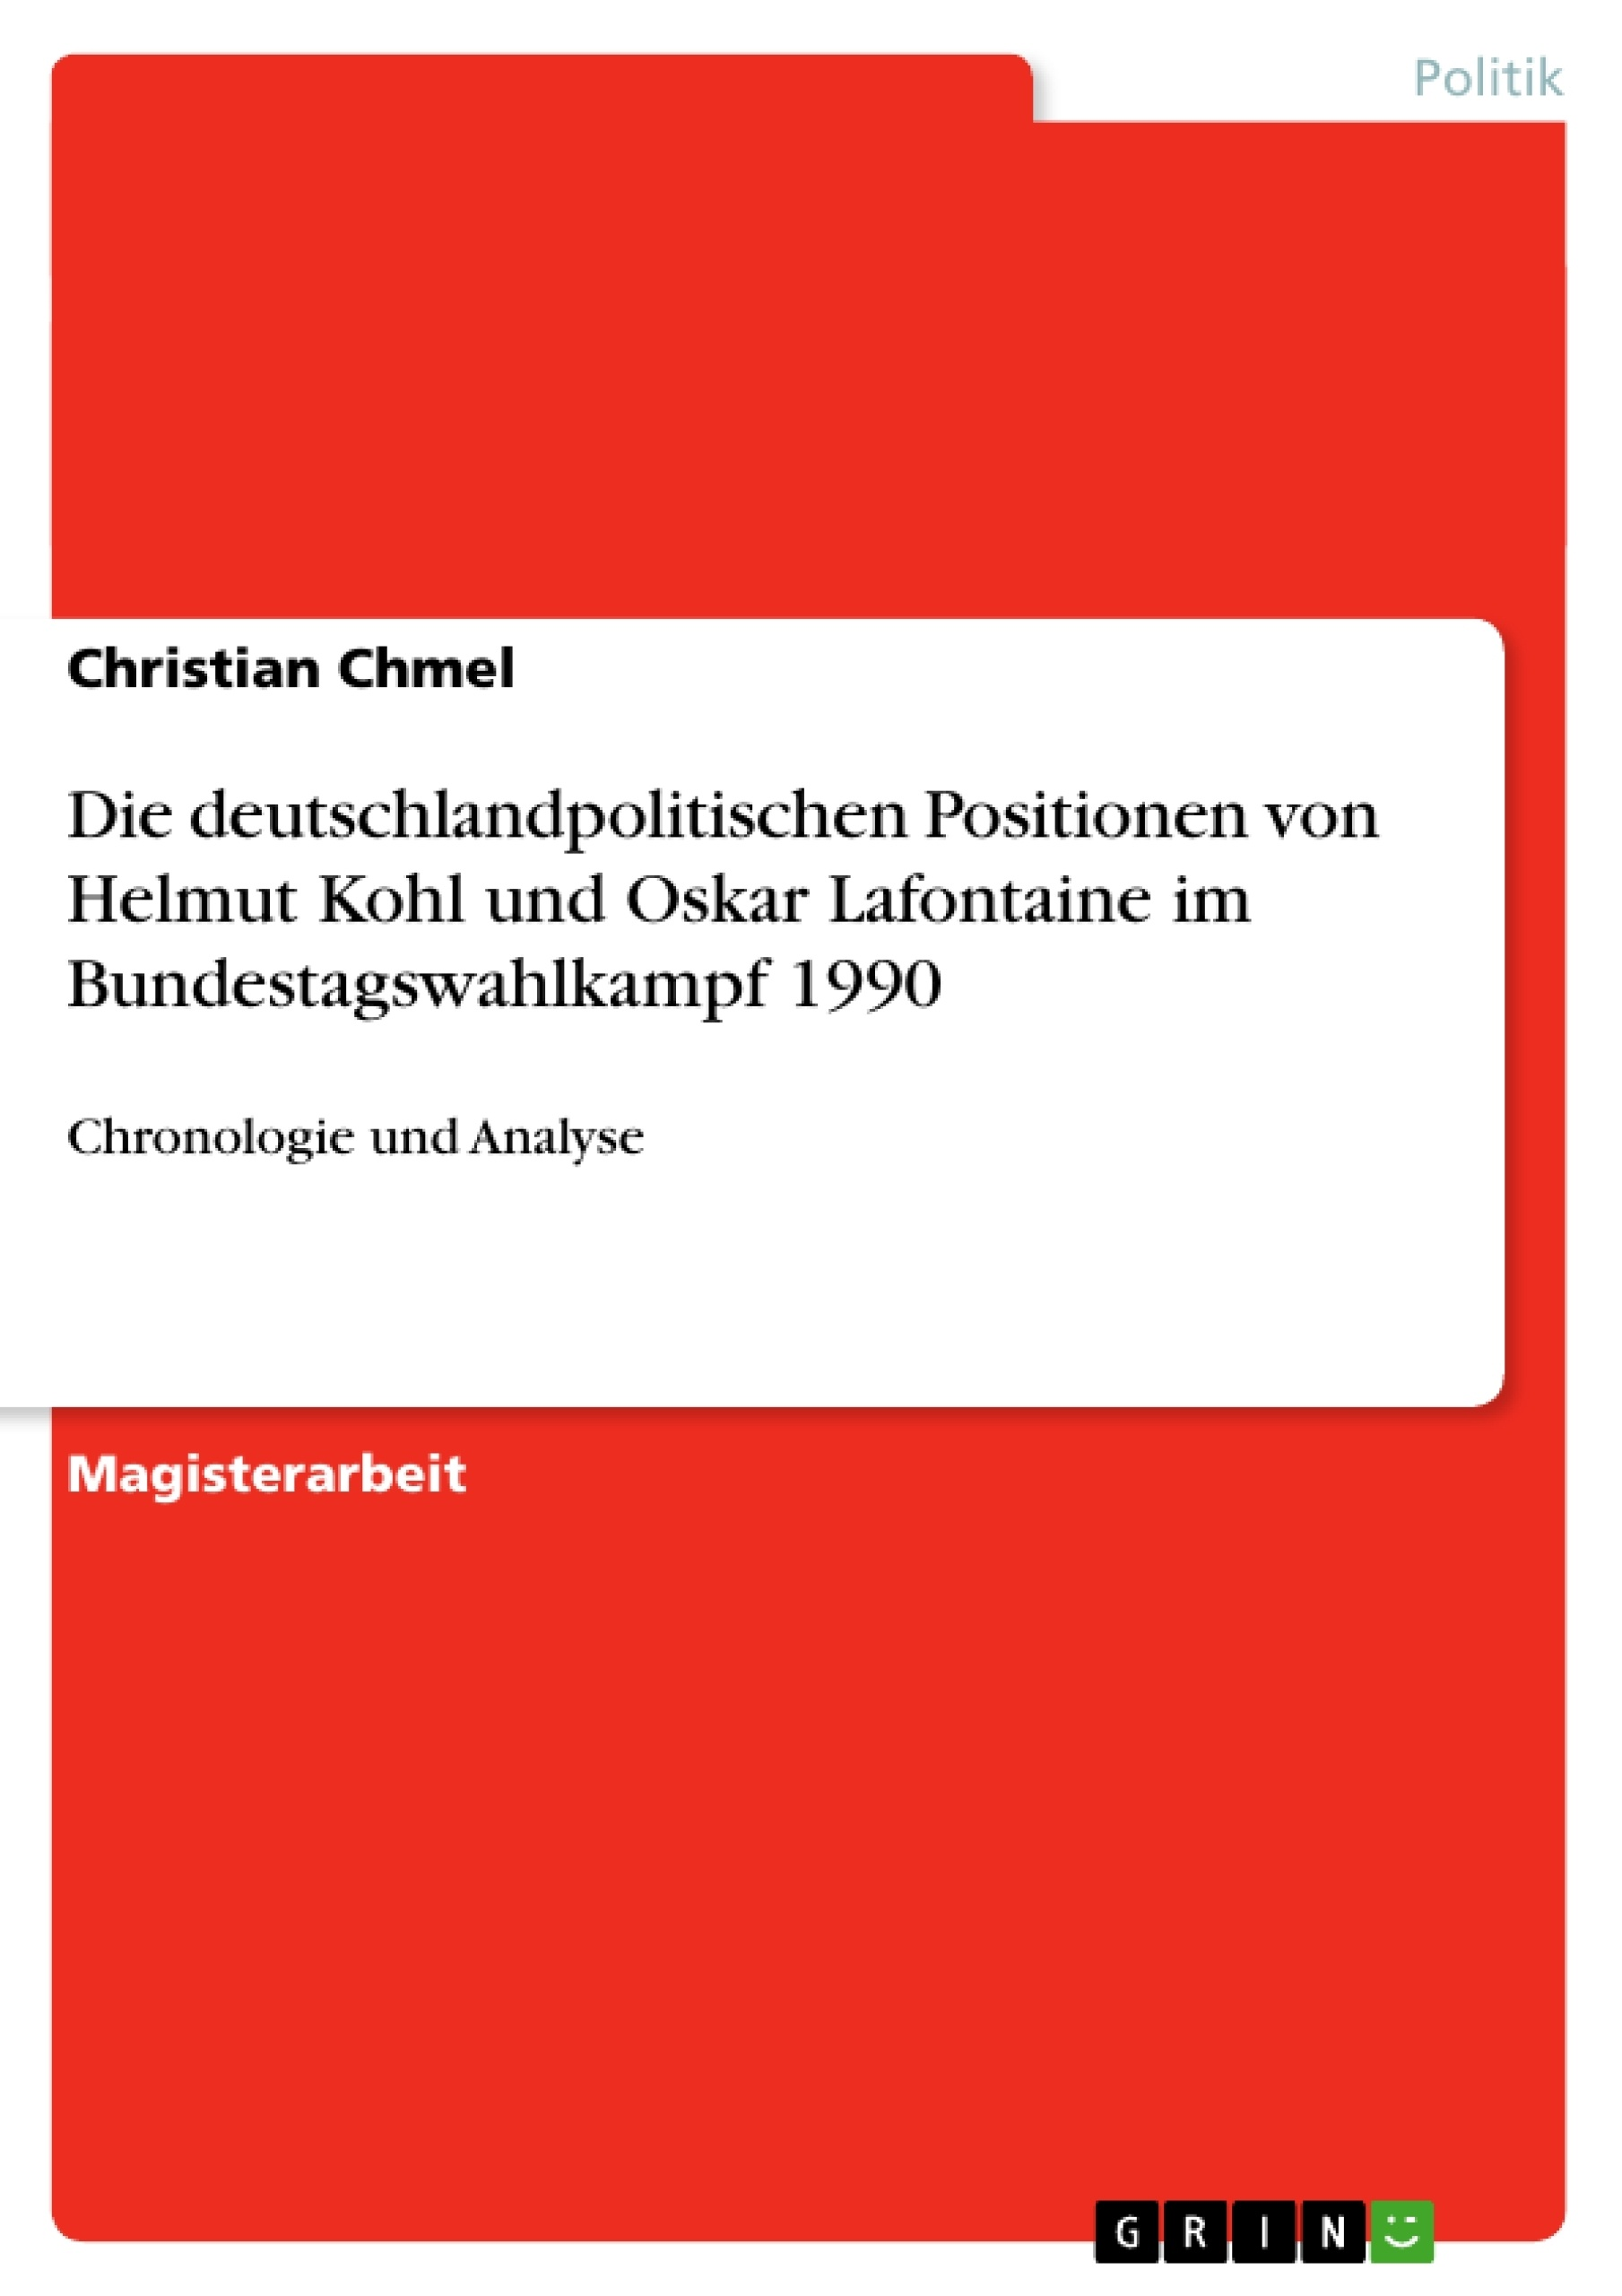 Titel: Die deutschlandpolitischen Positionen von Helmut Kohl und Oskar Lafontaine im Bundestagswahlkampf 1990